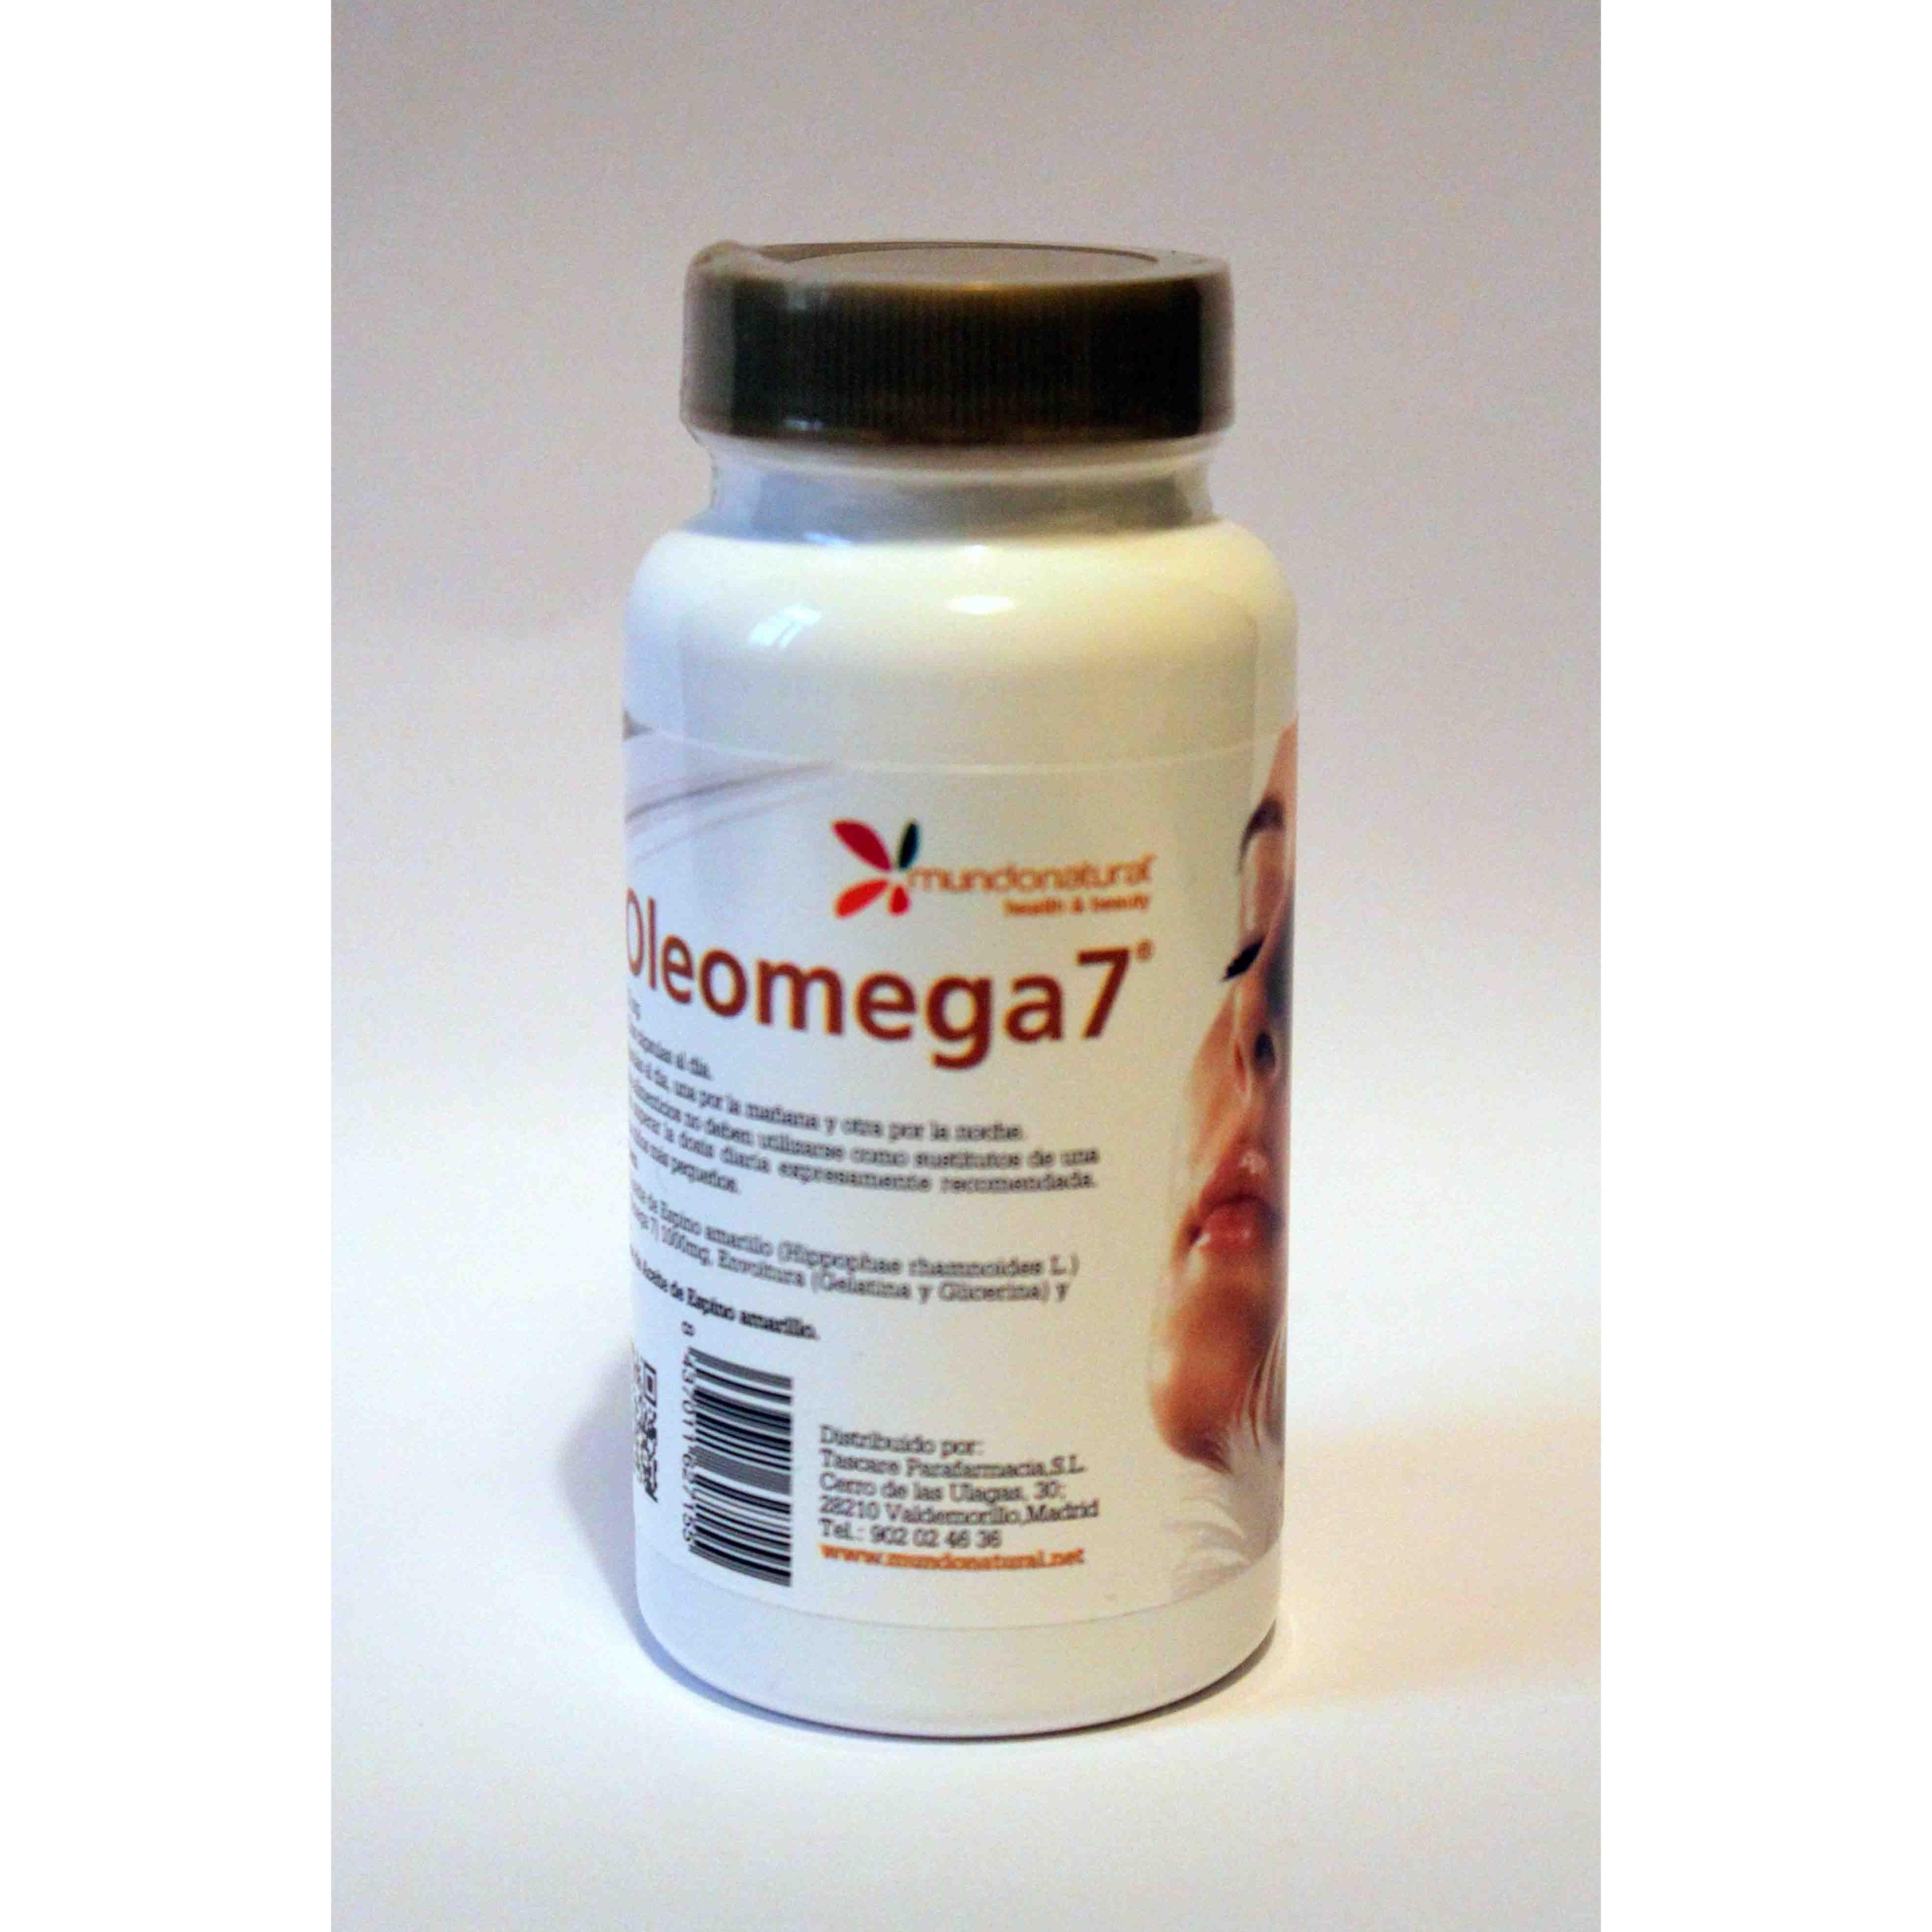 Oleomega 7 Mundo natural     : Catálogo de productos de Herbolario El Monte